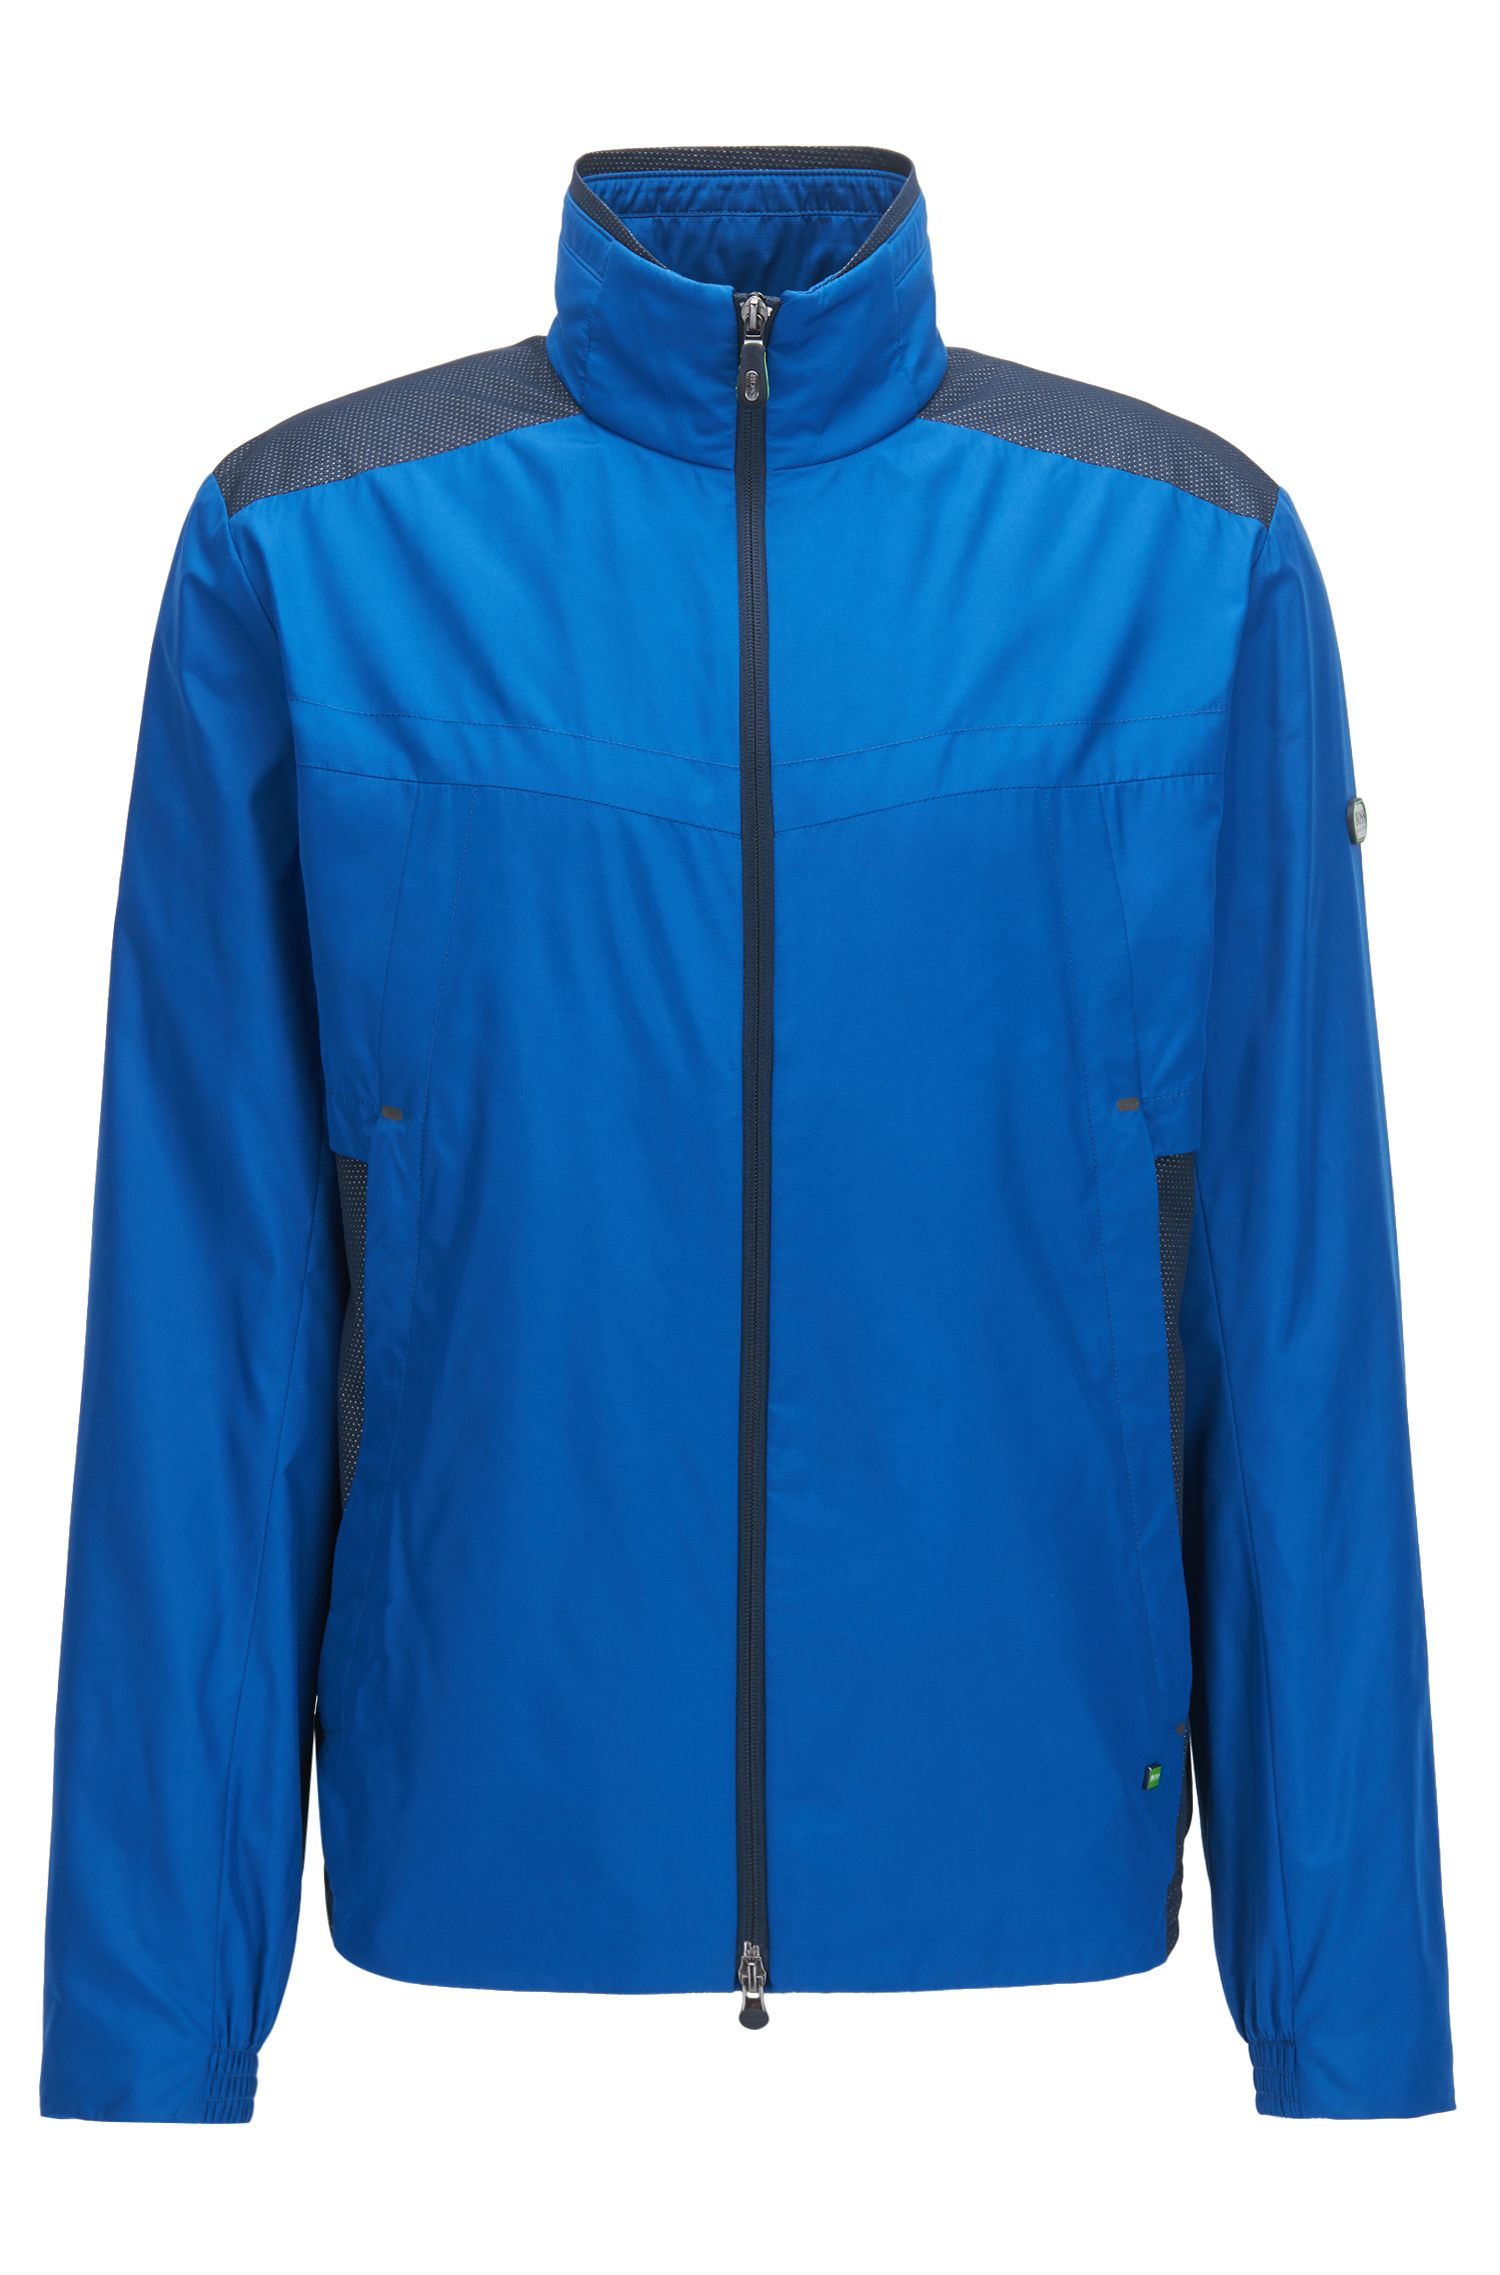 Wasserabweisende Jacke mit Schutz vor elektromagnetischen Strahlen